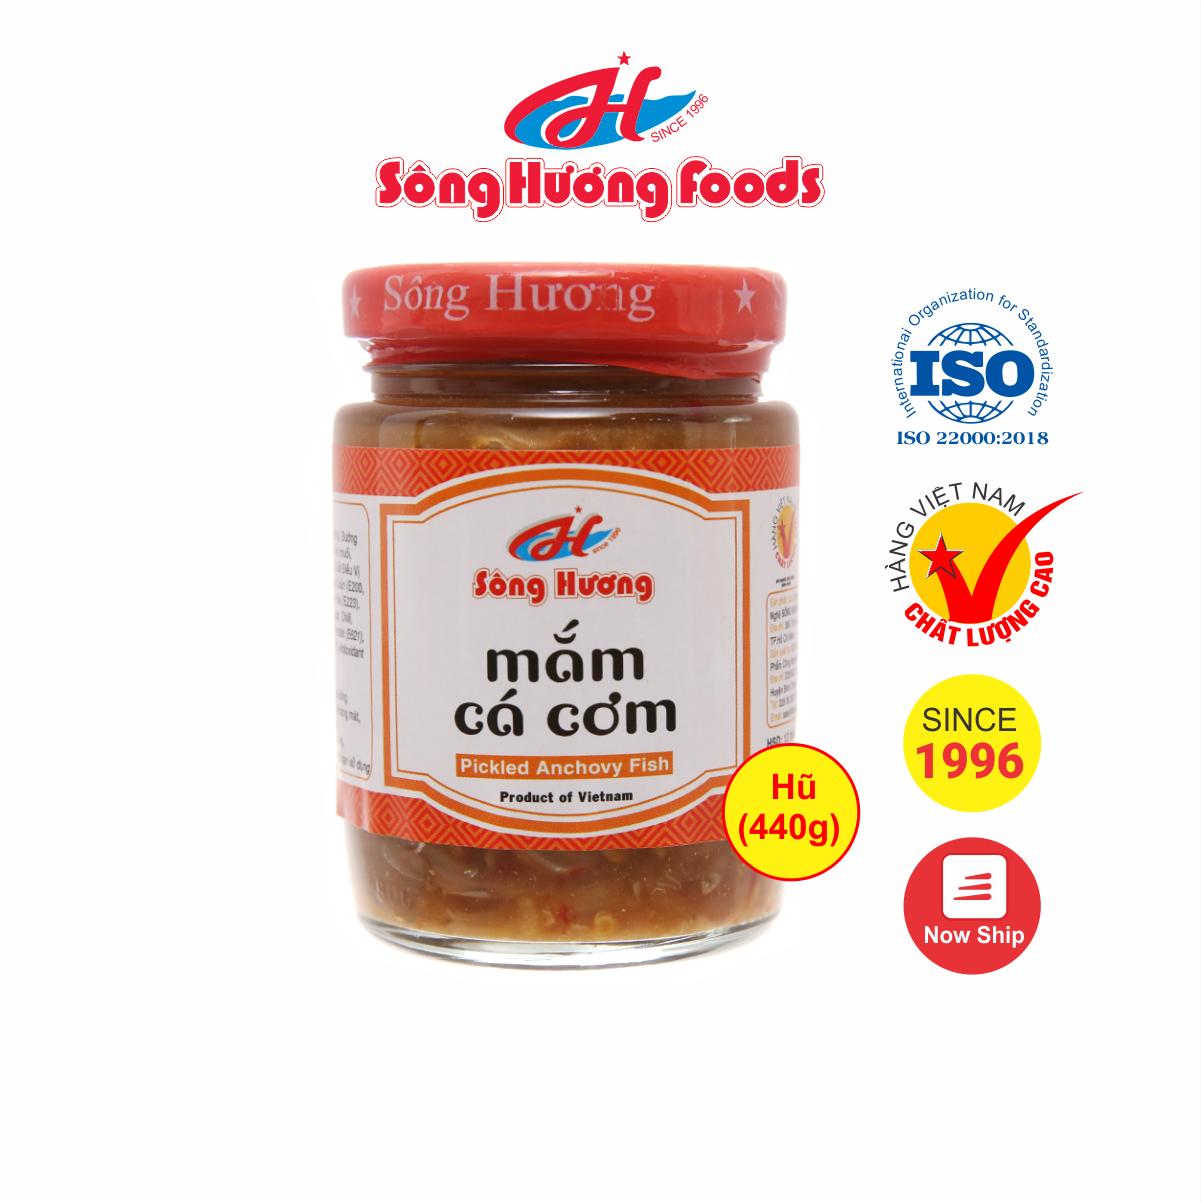 Mắm Nêm Cá Cơm Sông Hương Foods Hũ 440g